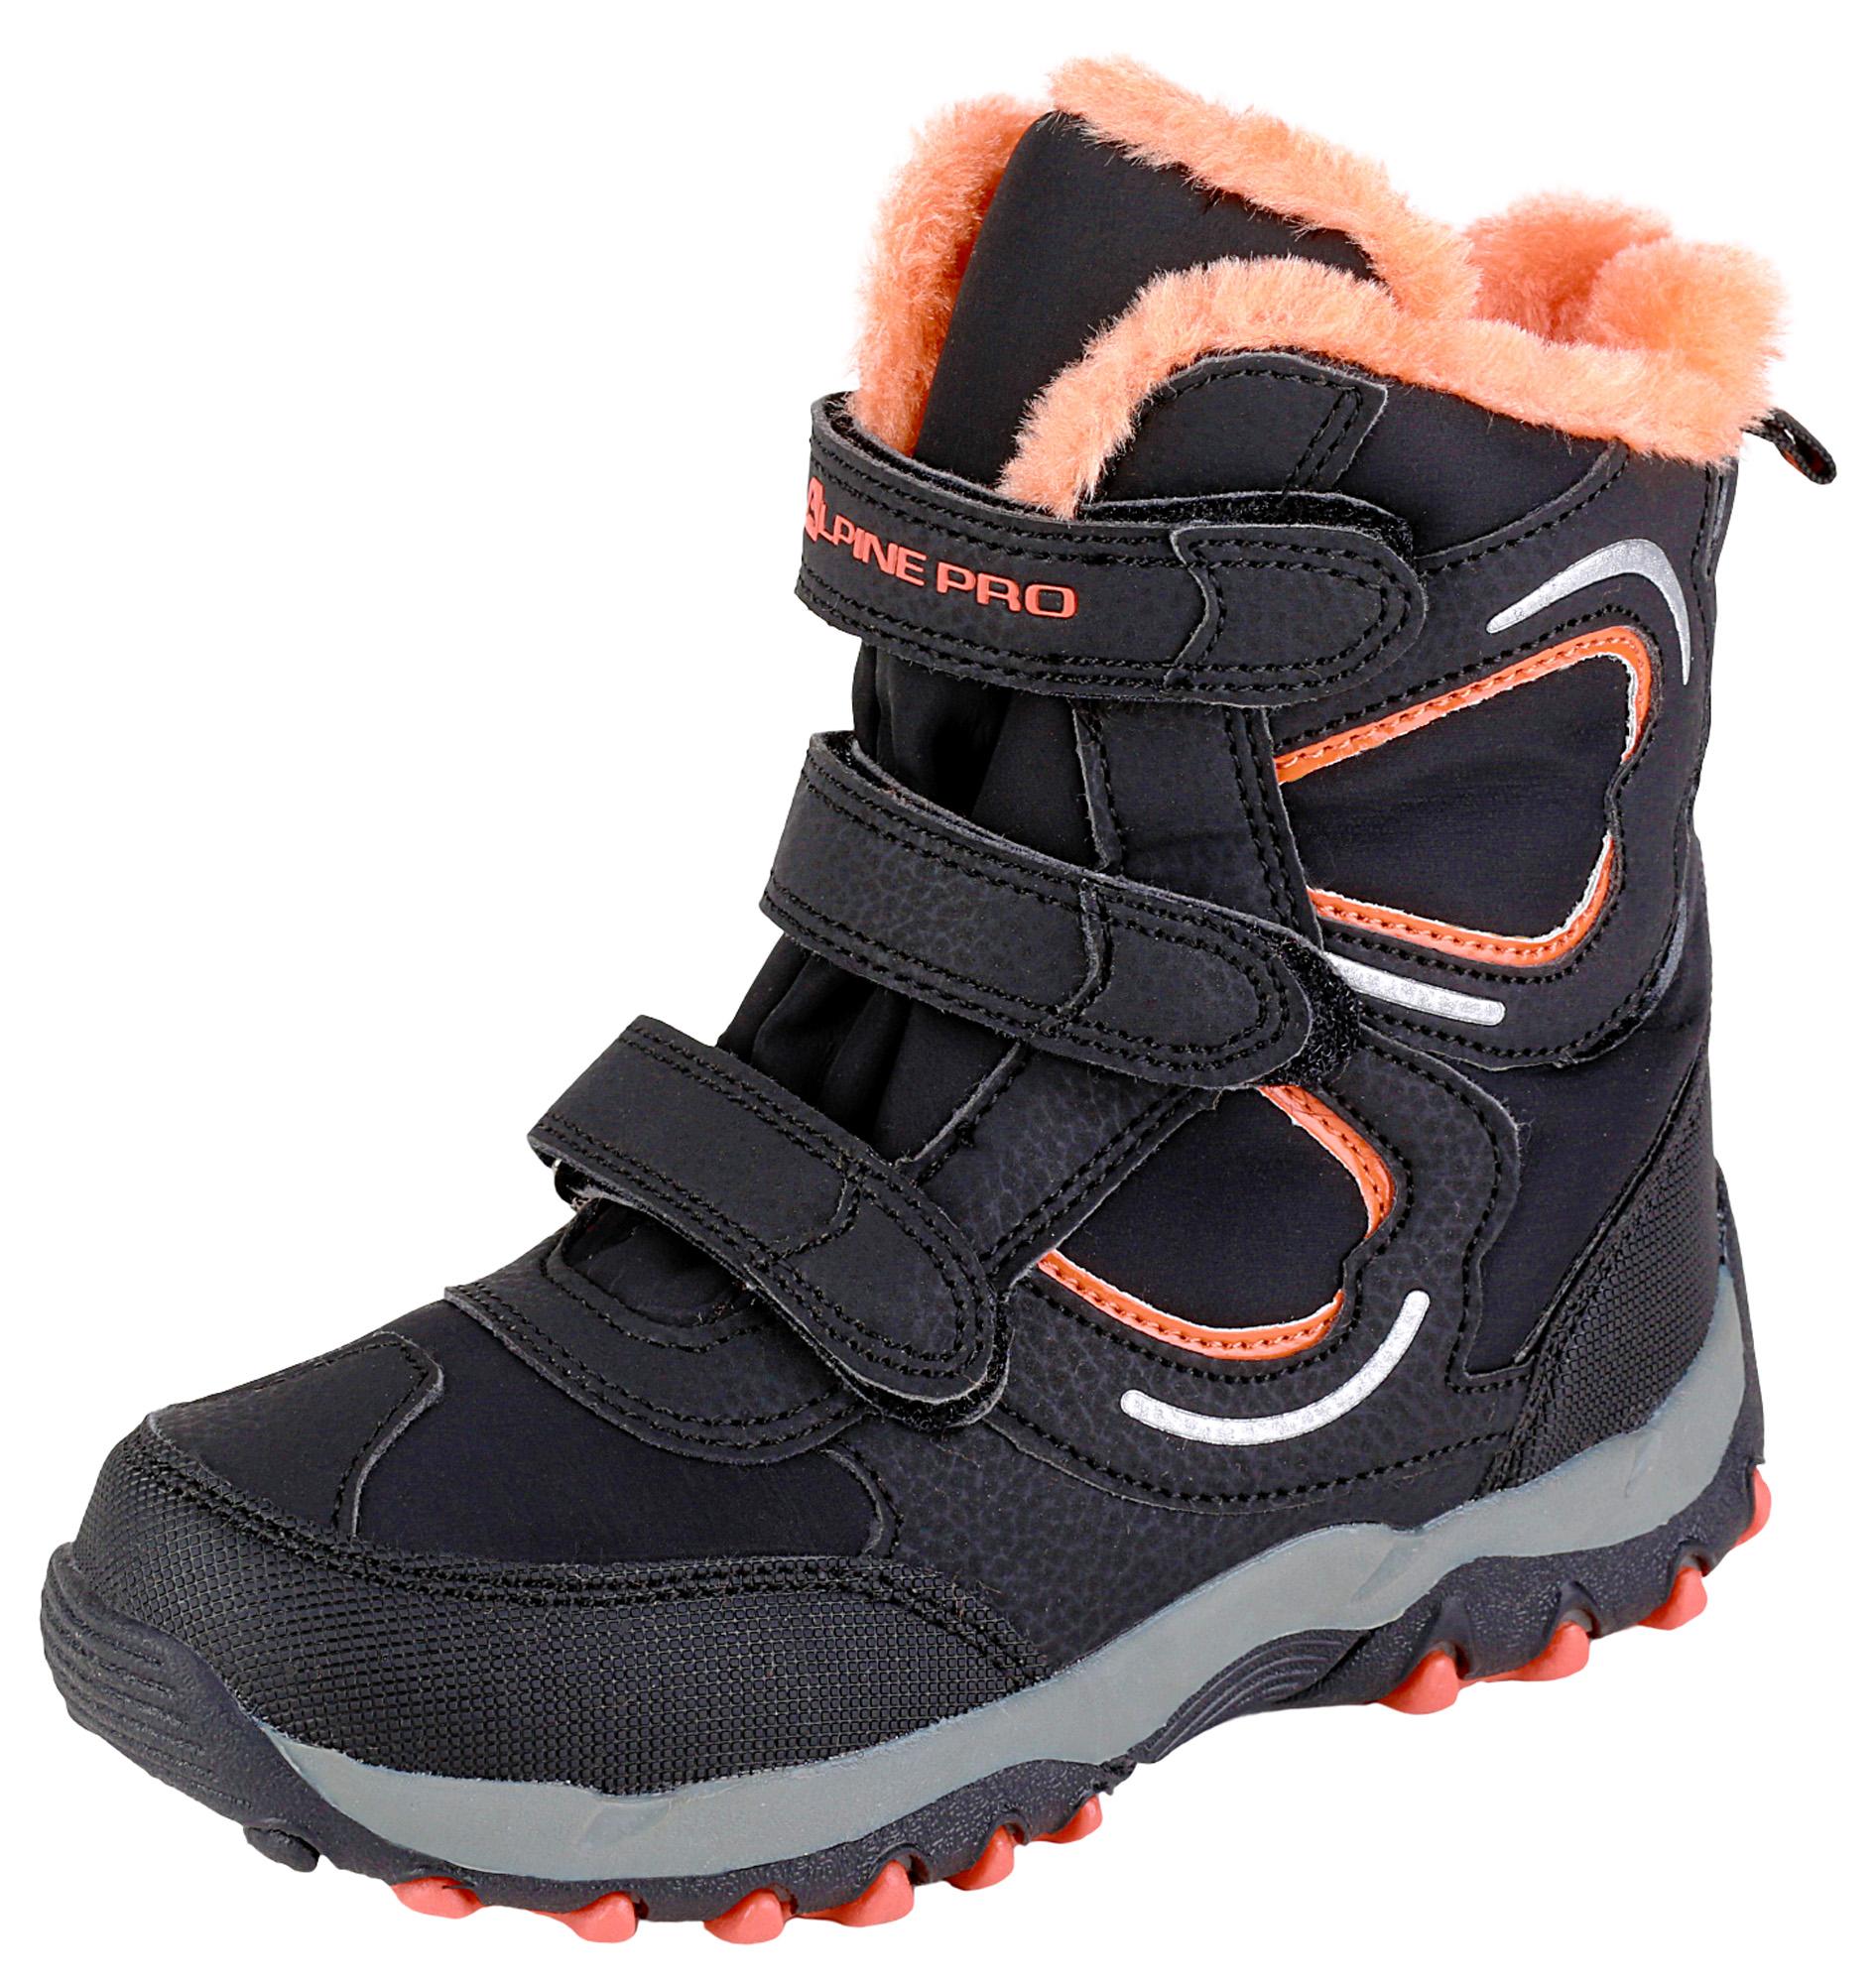 1c94b6a41c64 ALPINE PRO Detská zimná obuv Lilian - oranžovo-čierna